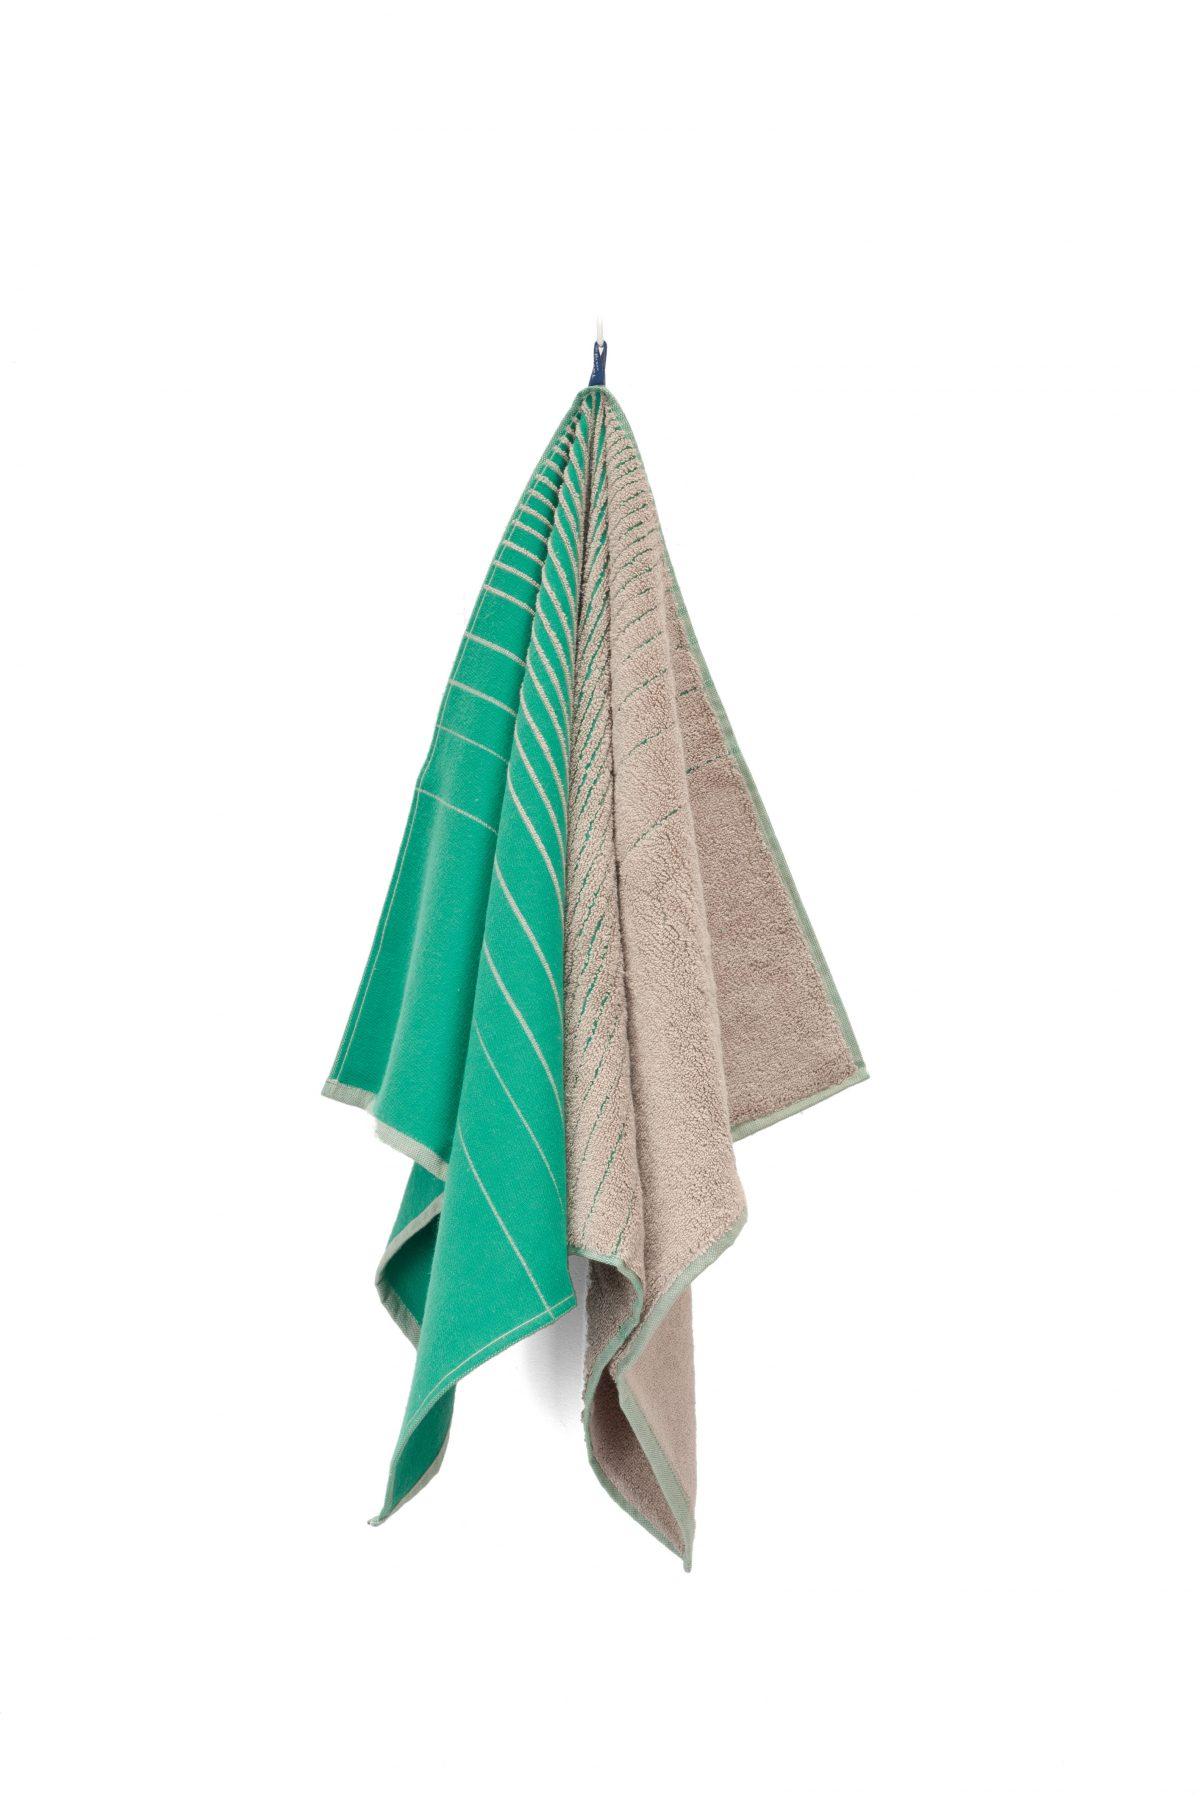 TweeDoek green_beige handdoek én theedoek in één van Vij5